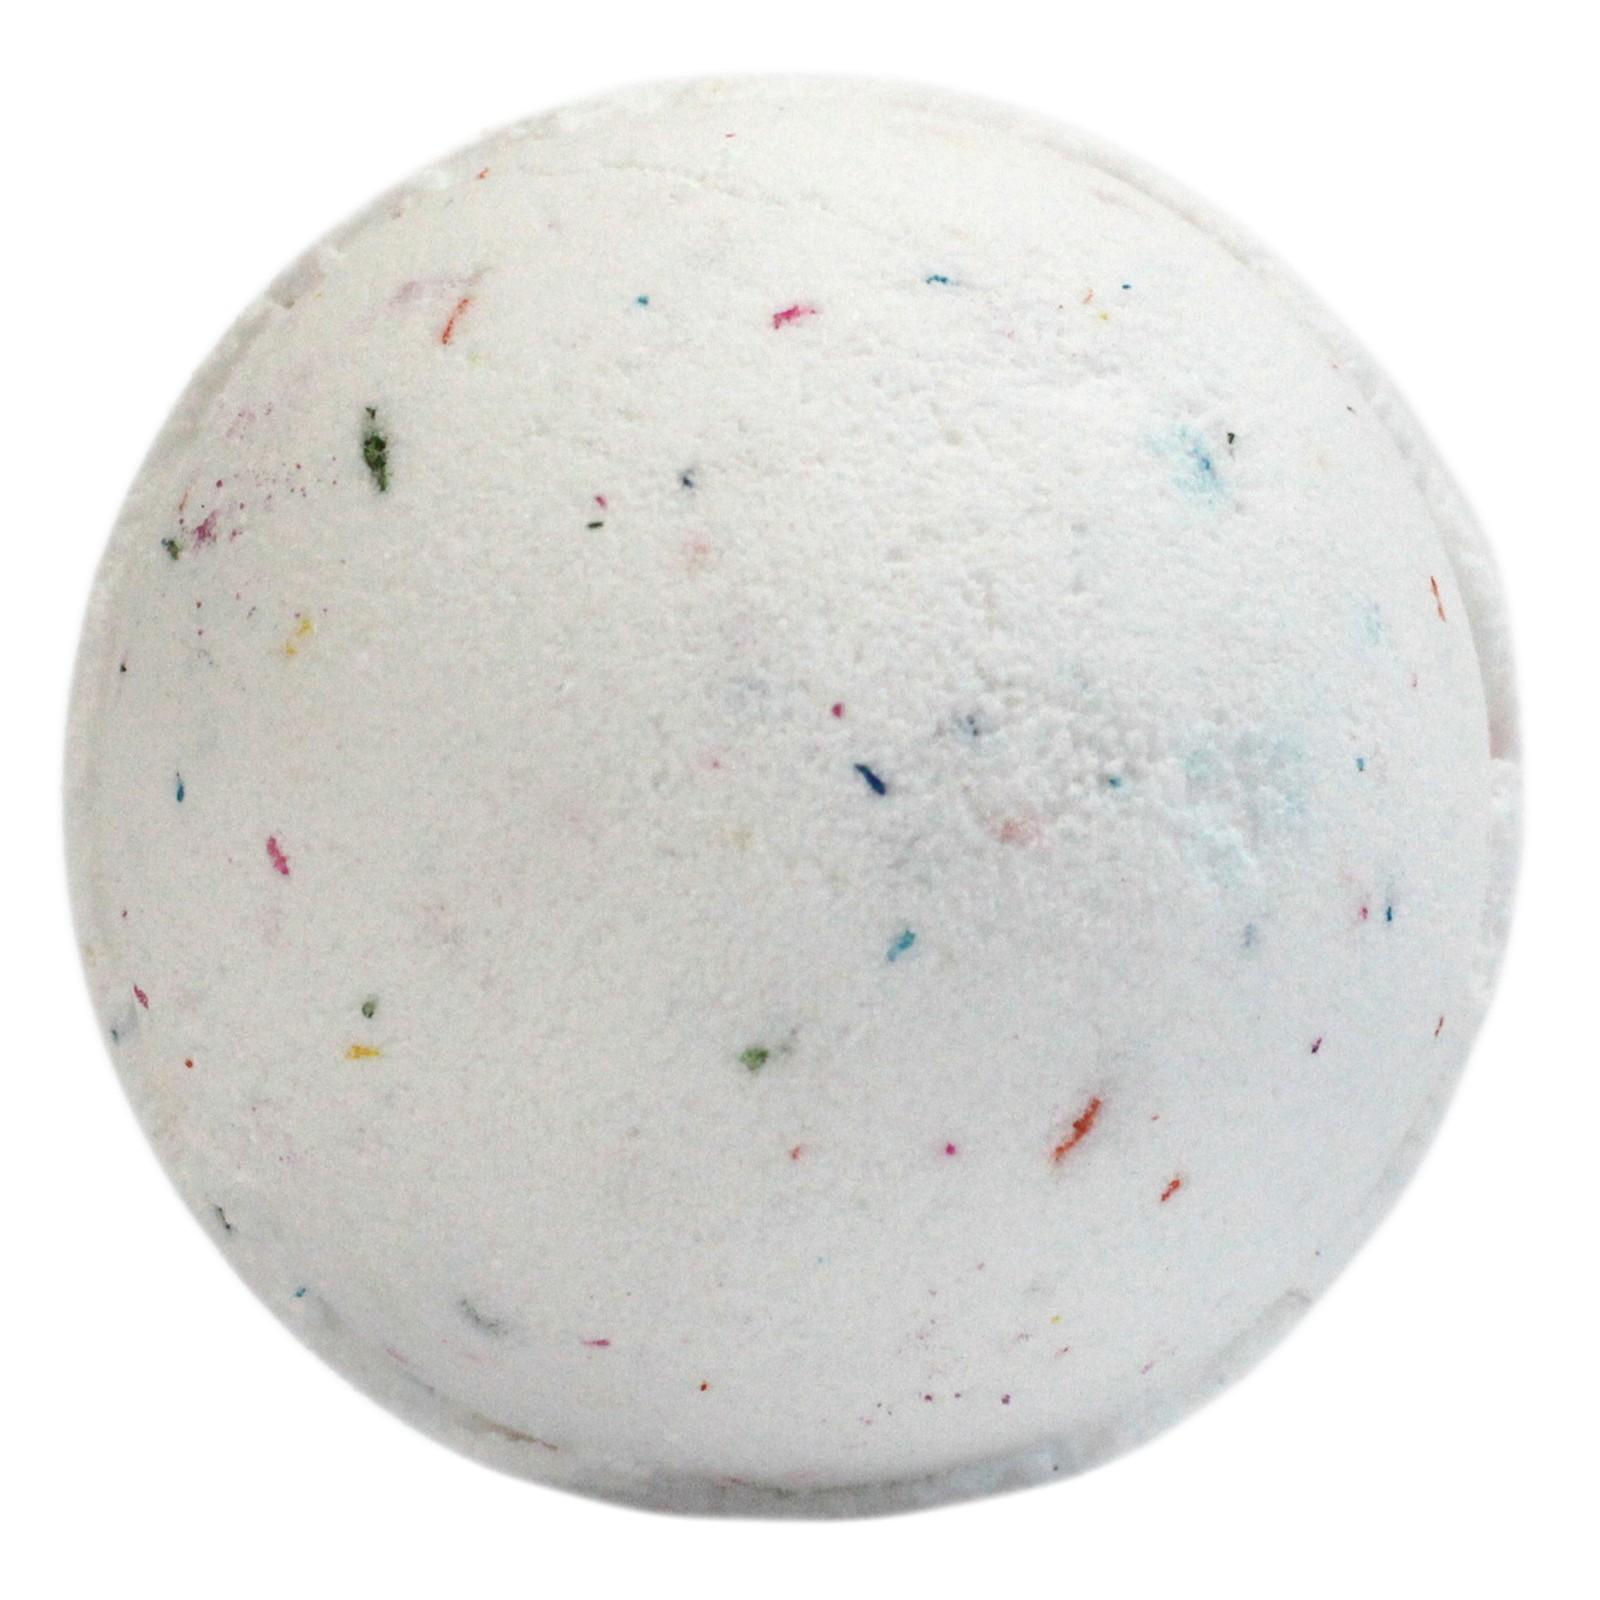 Tutti Fruiti Bath Bomb White and Multi